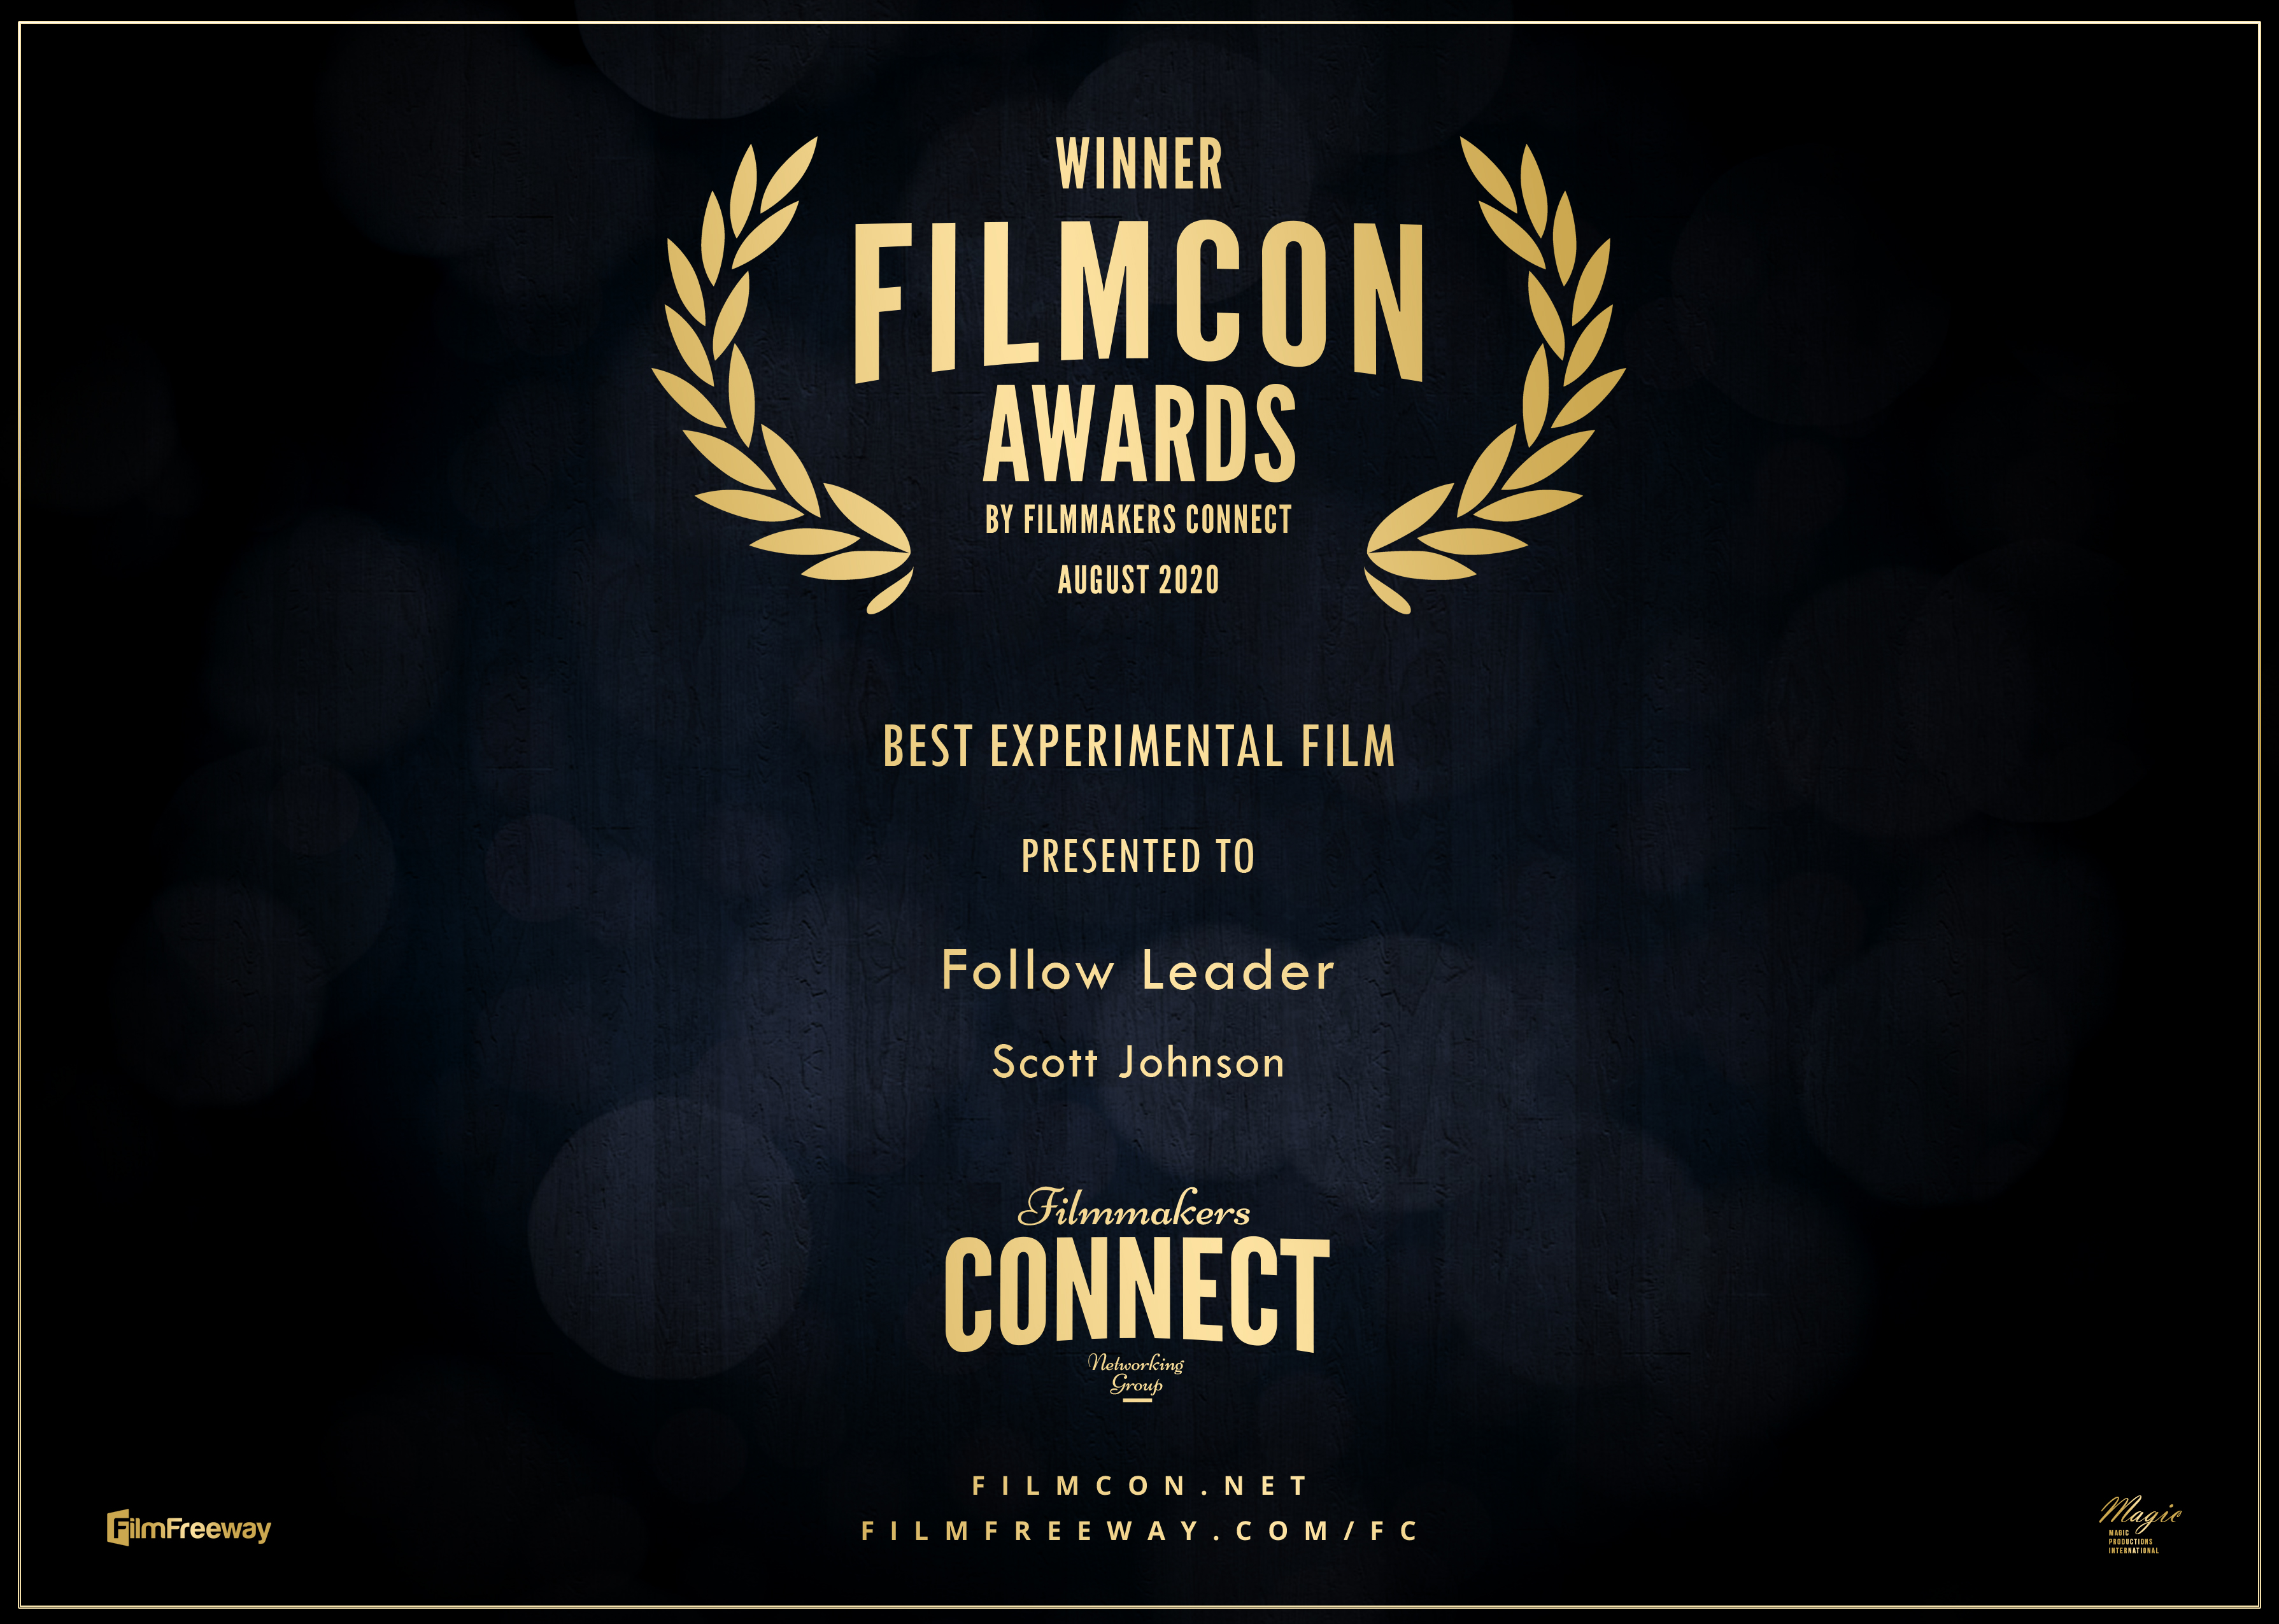 Film Con - Best Experimental Film